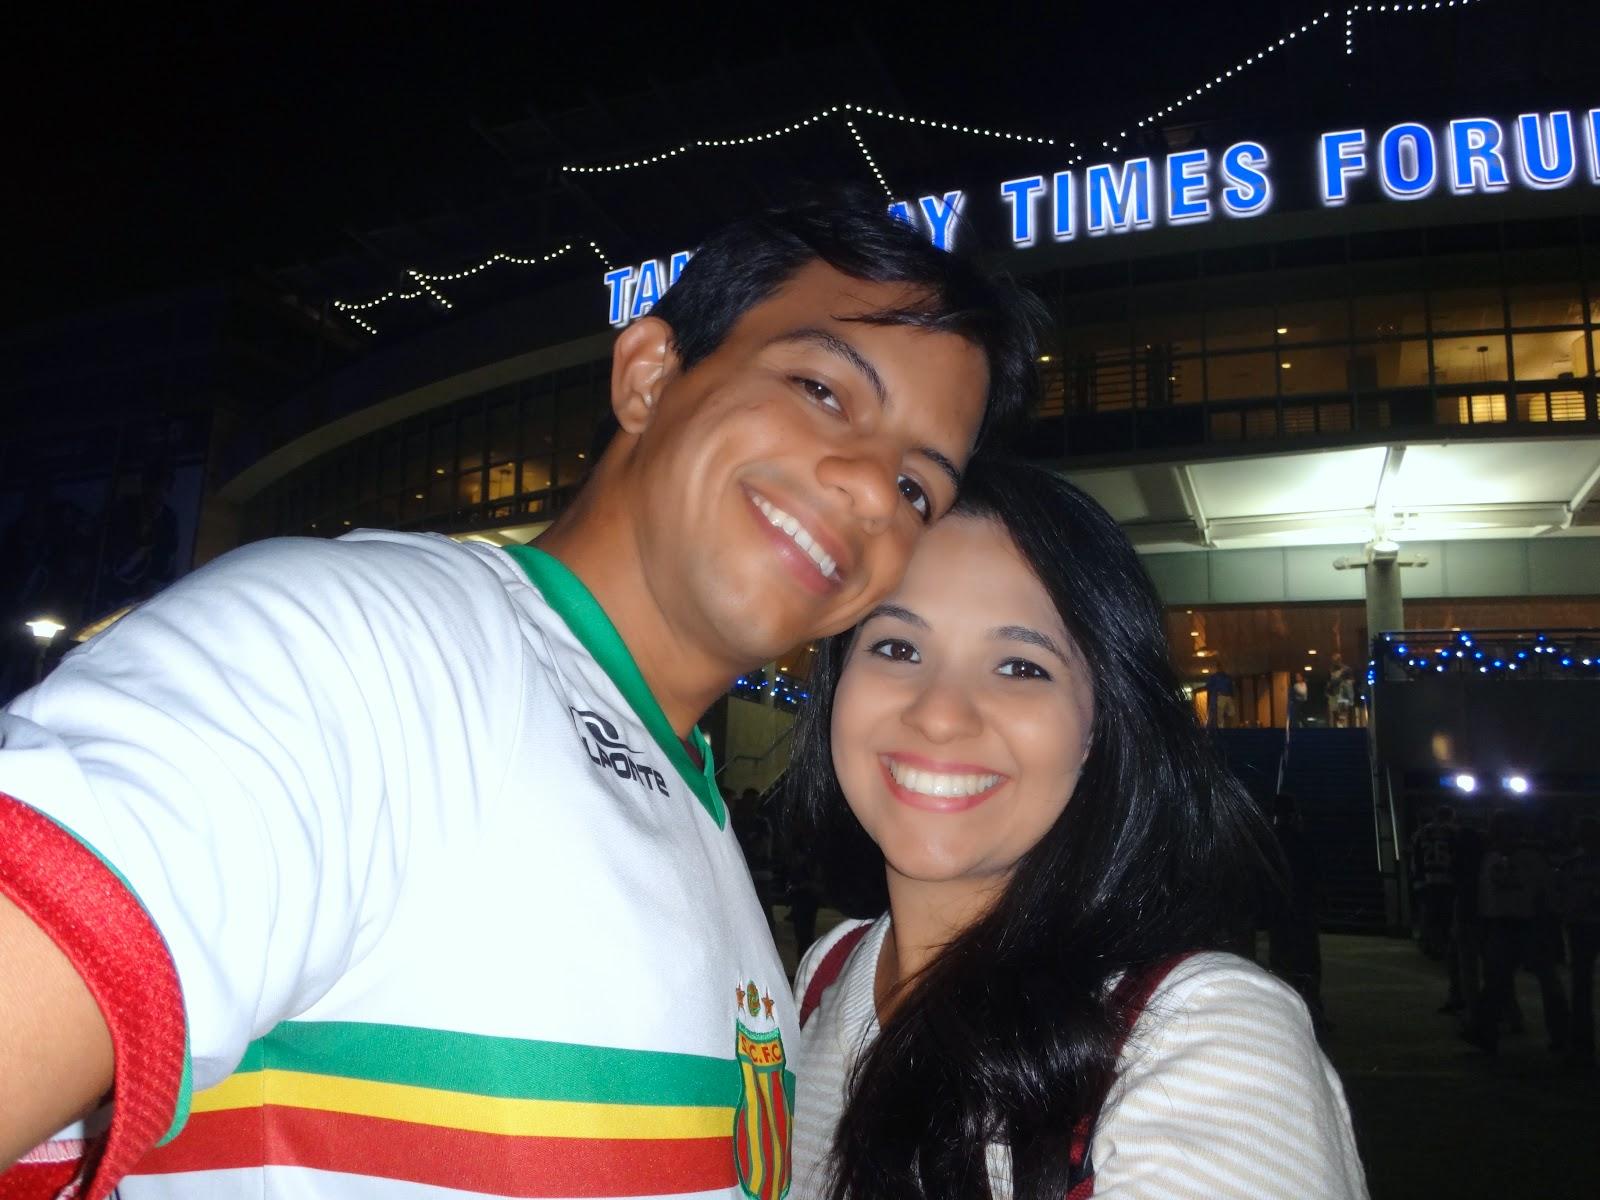 tampa bay times forum - jogo de hoquei - tampa, florida